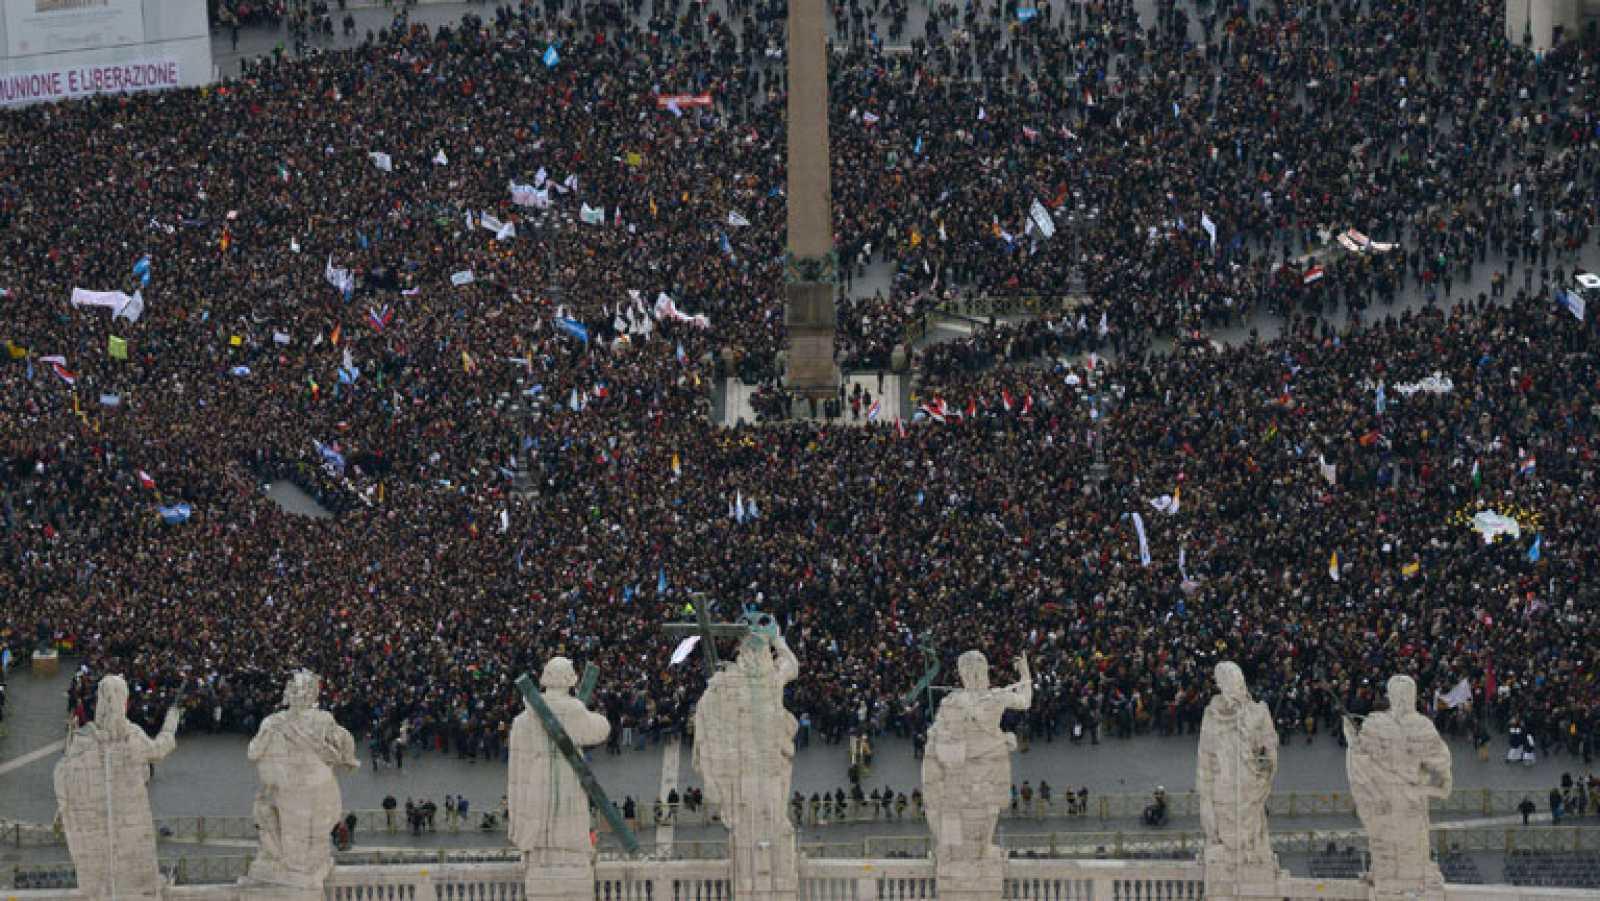 Los fieles viven con emoción el discurso del papa Francisco